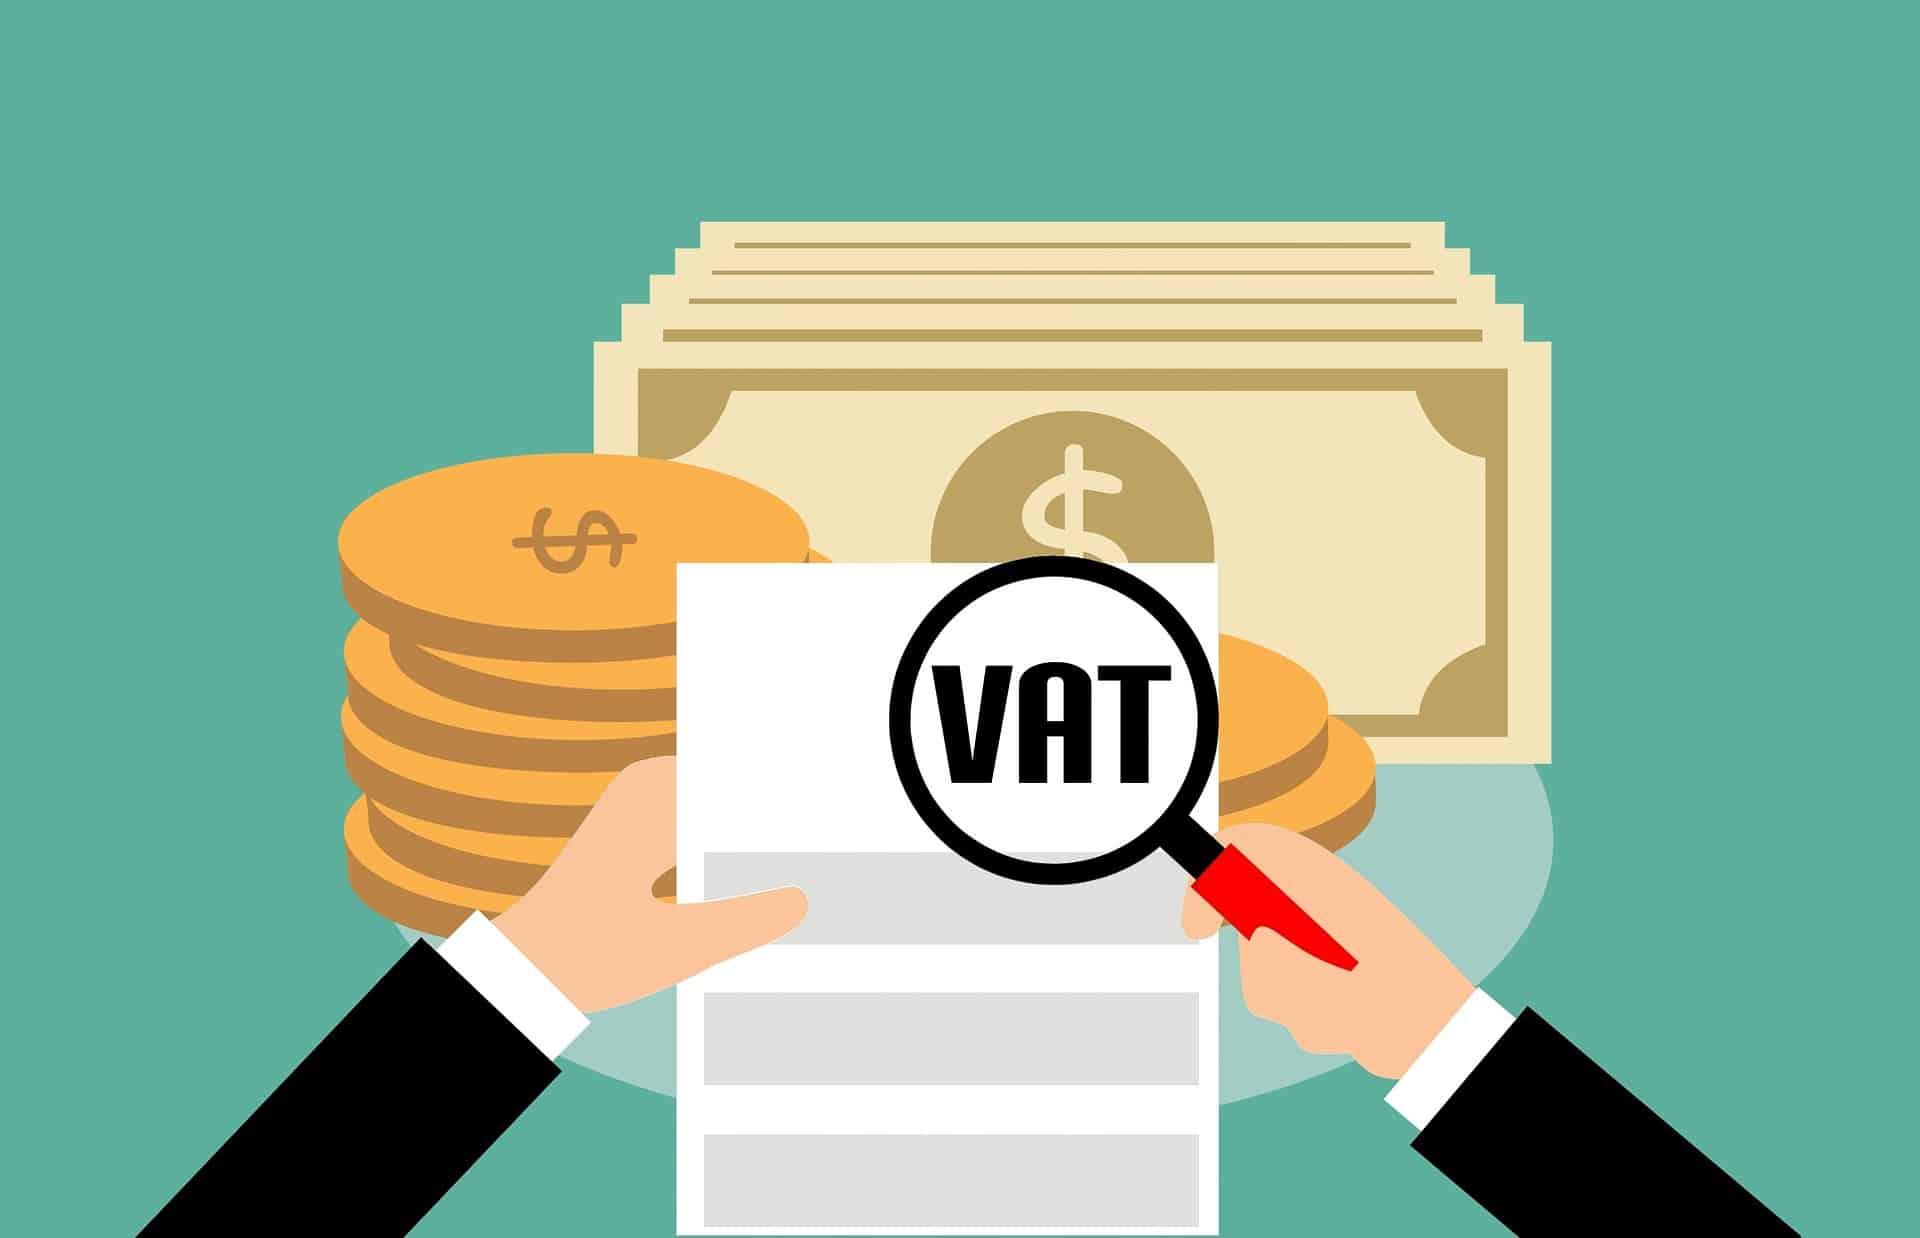 ΑΑΔΕ: Ποιοι κινδυνεύουν με πρόστιμο €5000 αν δεν κόψουν απόδειξη